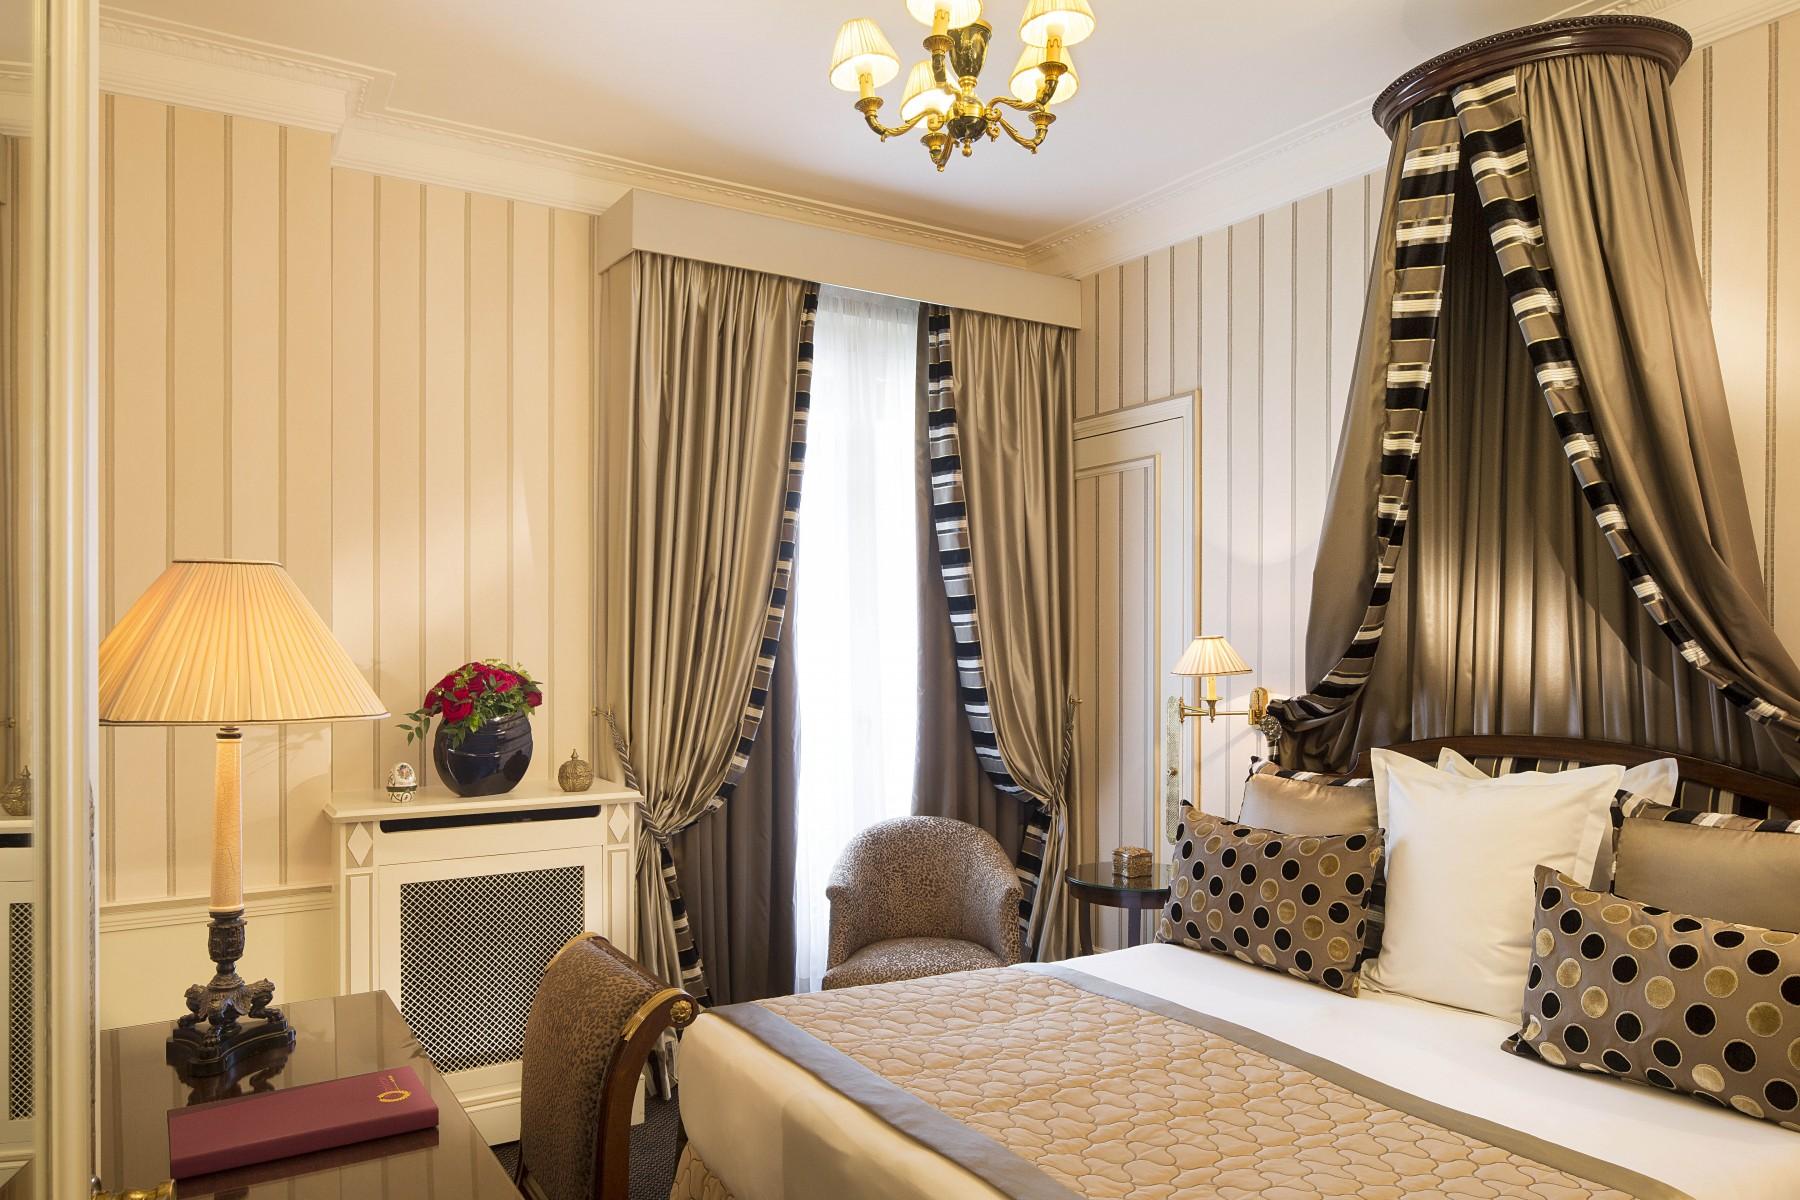 غرفة كلاسيكية بأجواء رومانسية مميزة